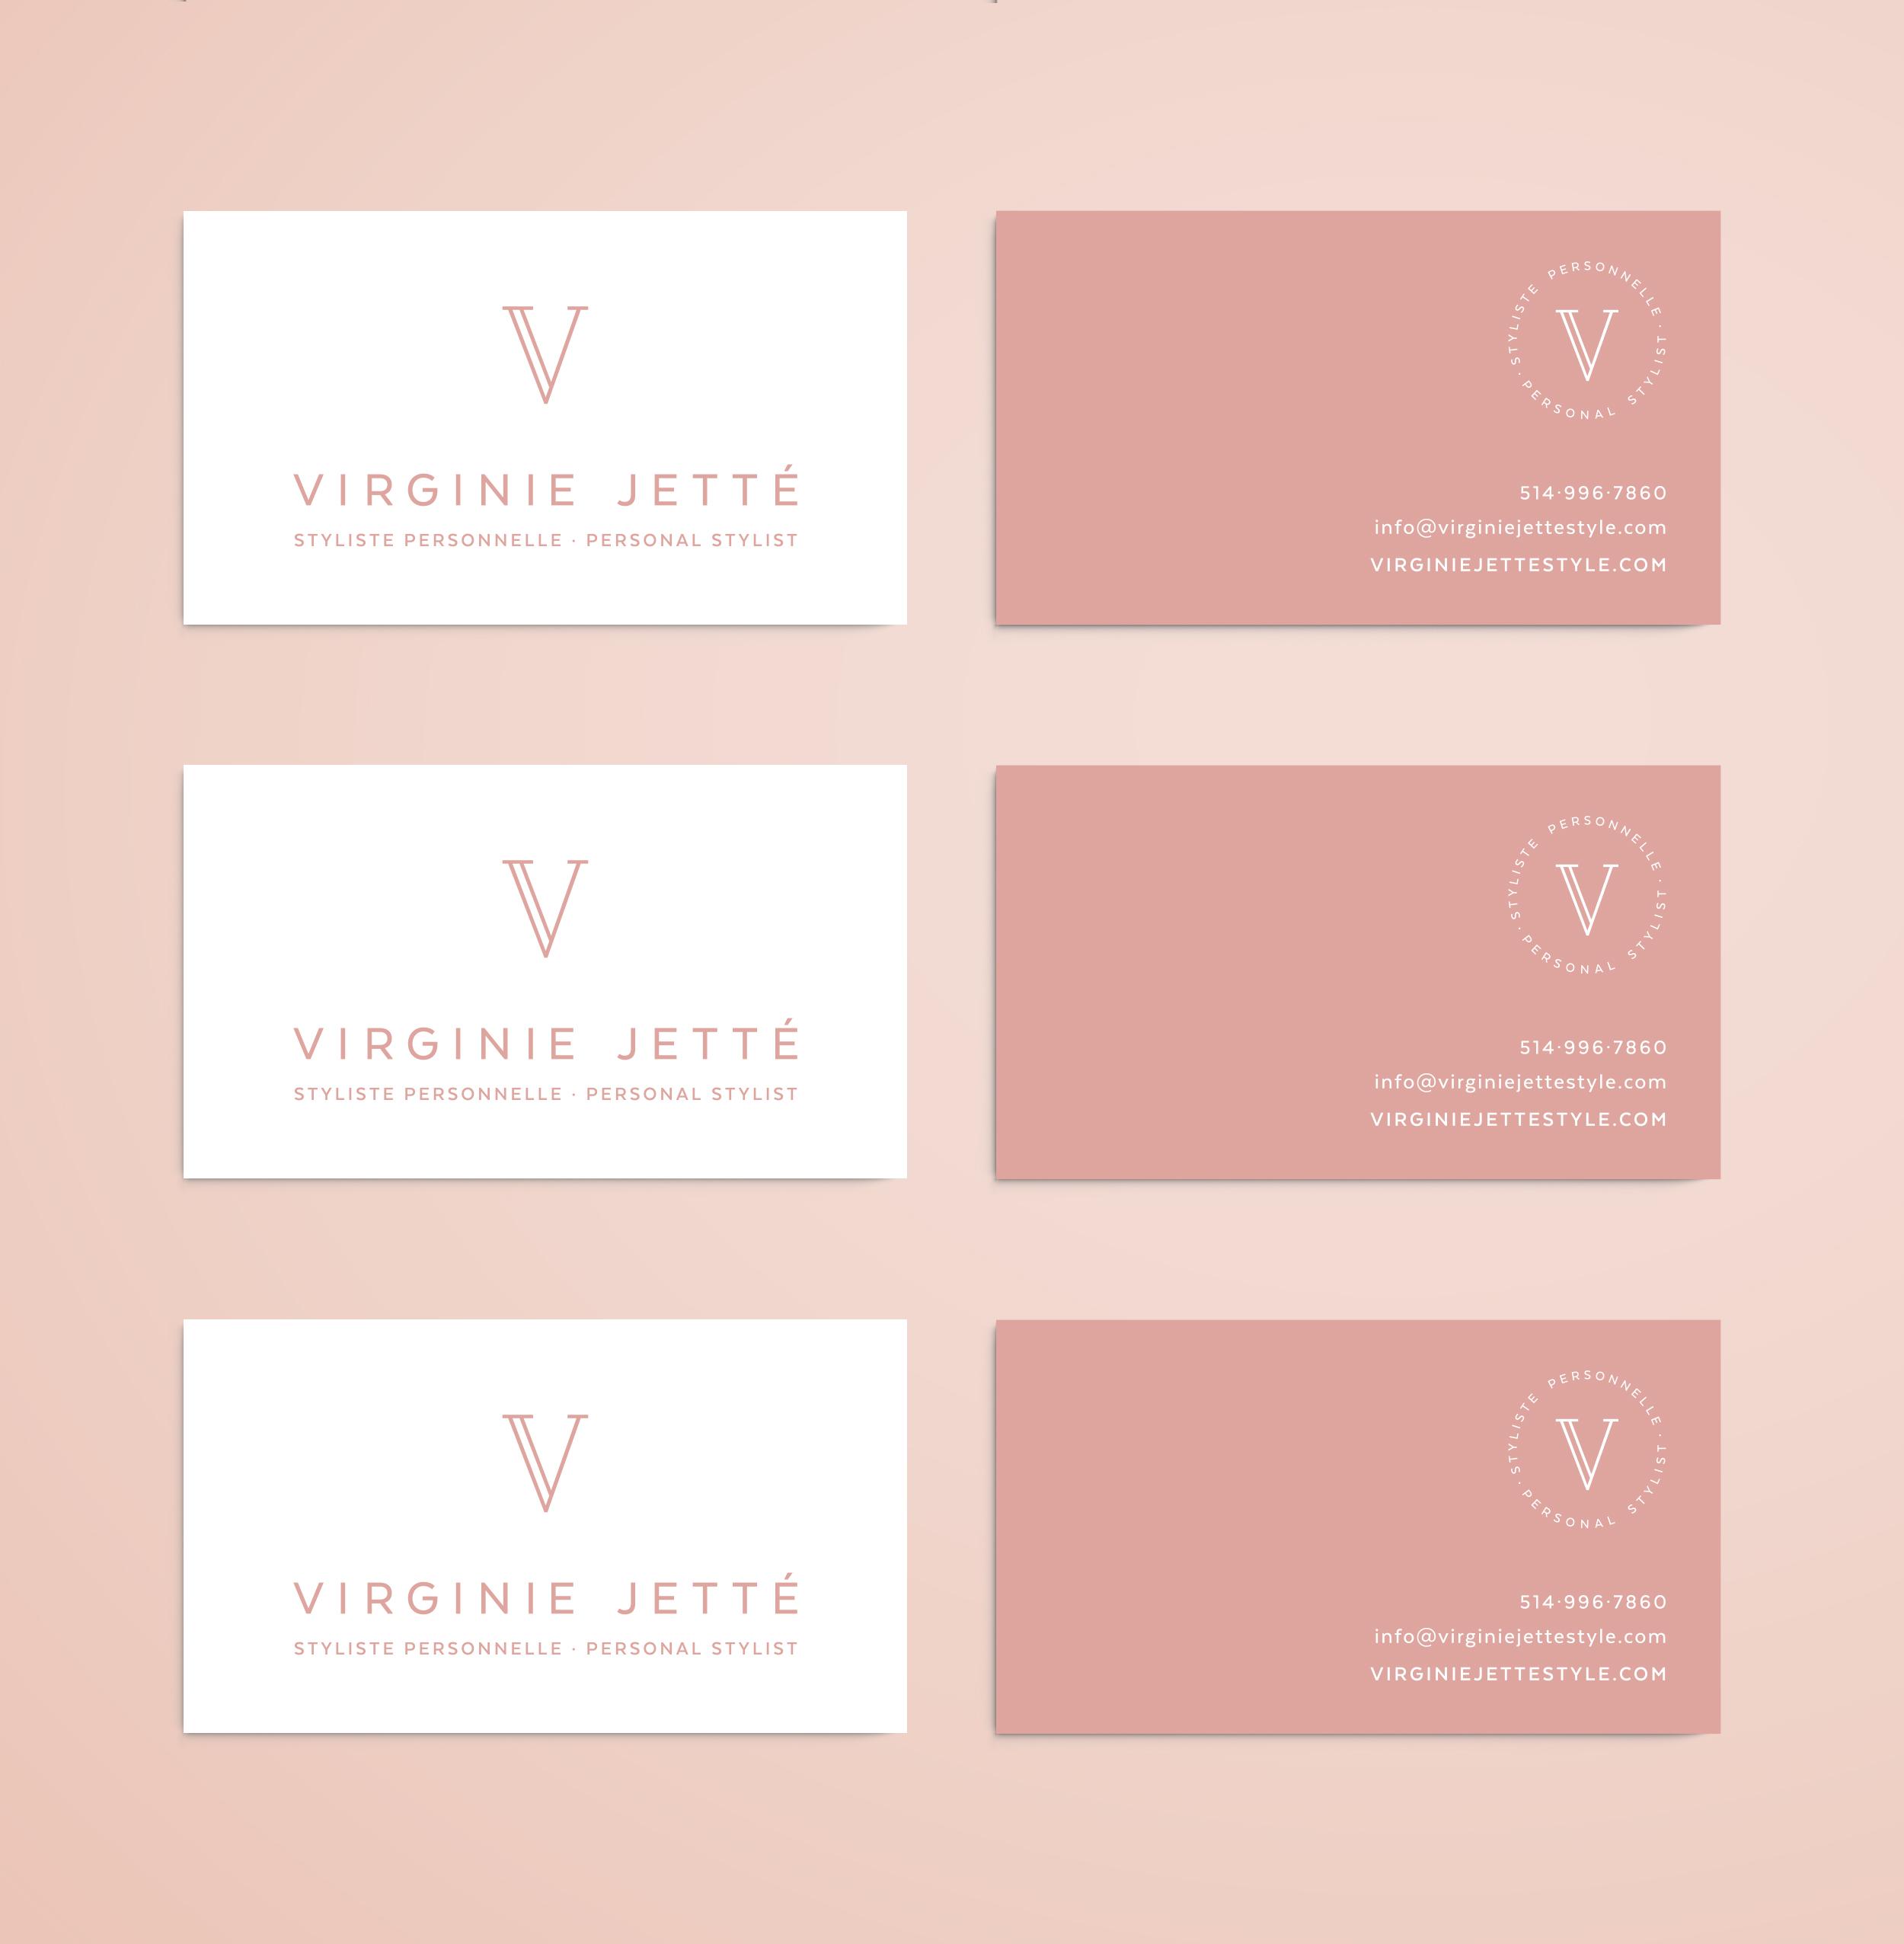 virginiejette-businesscards.jpg